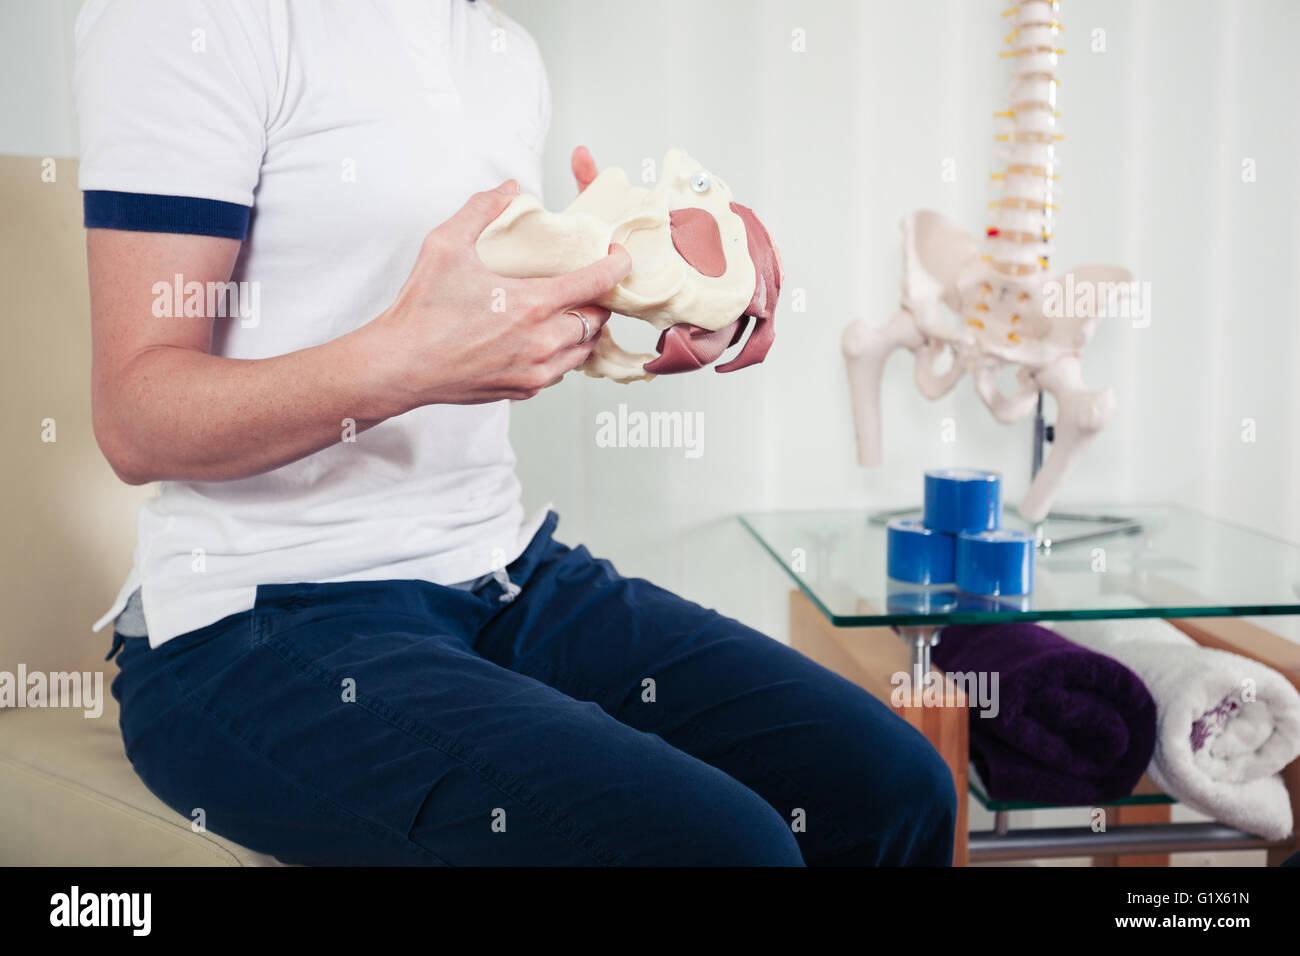 Un physiothérapeute est titulaire d'un modèle d'un bassin humain Photo Stock